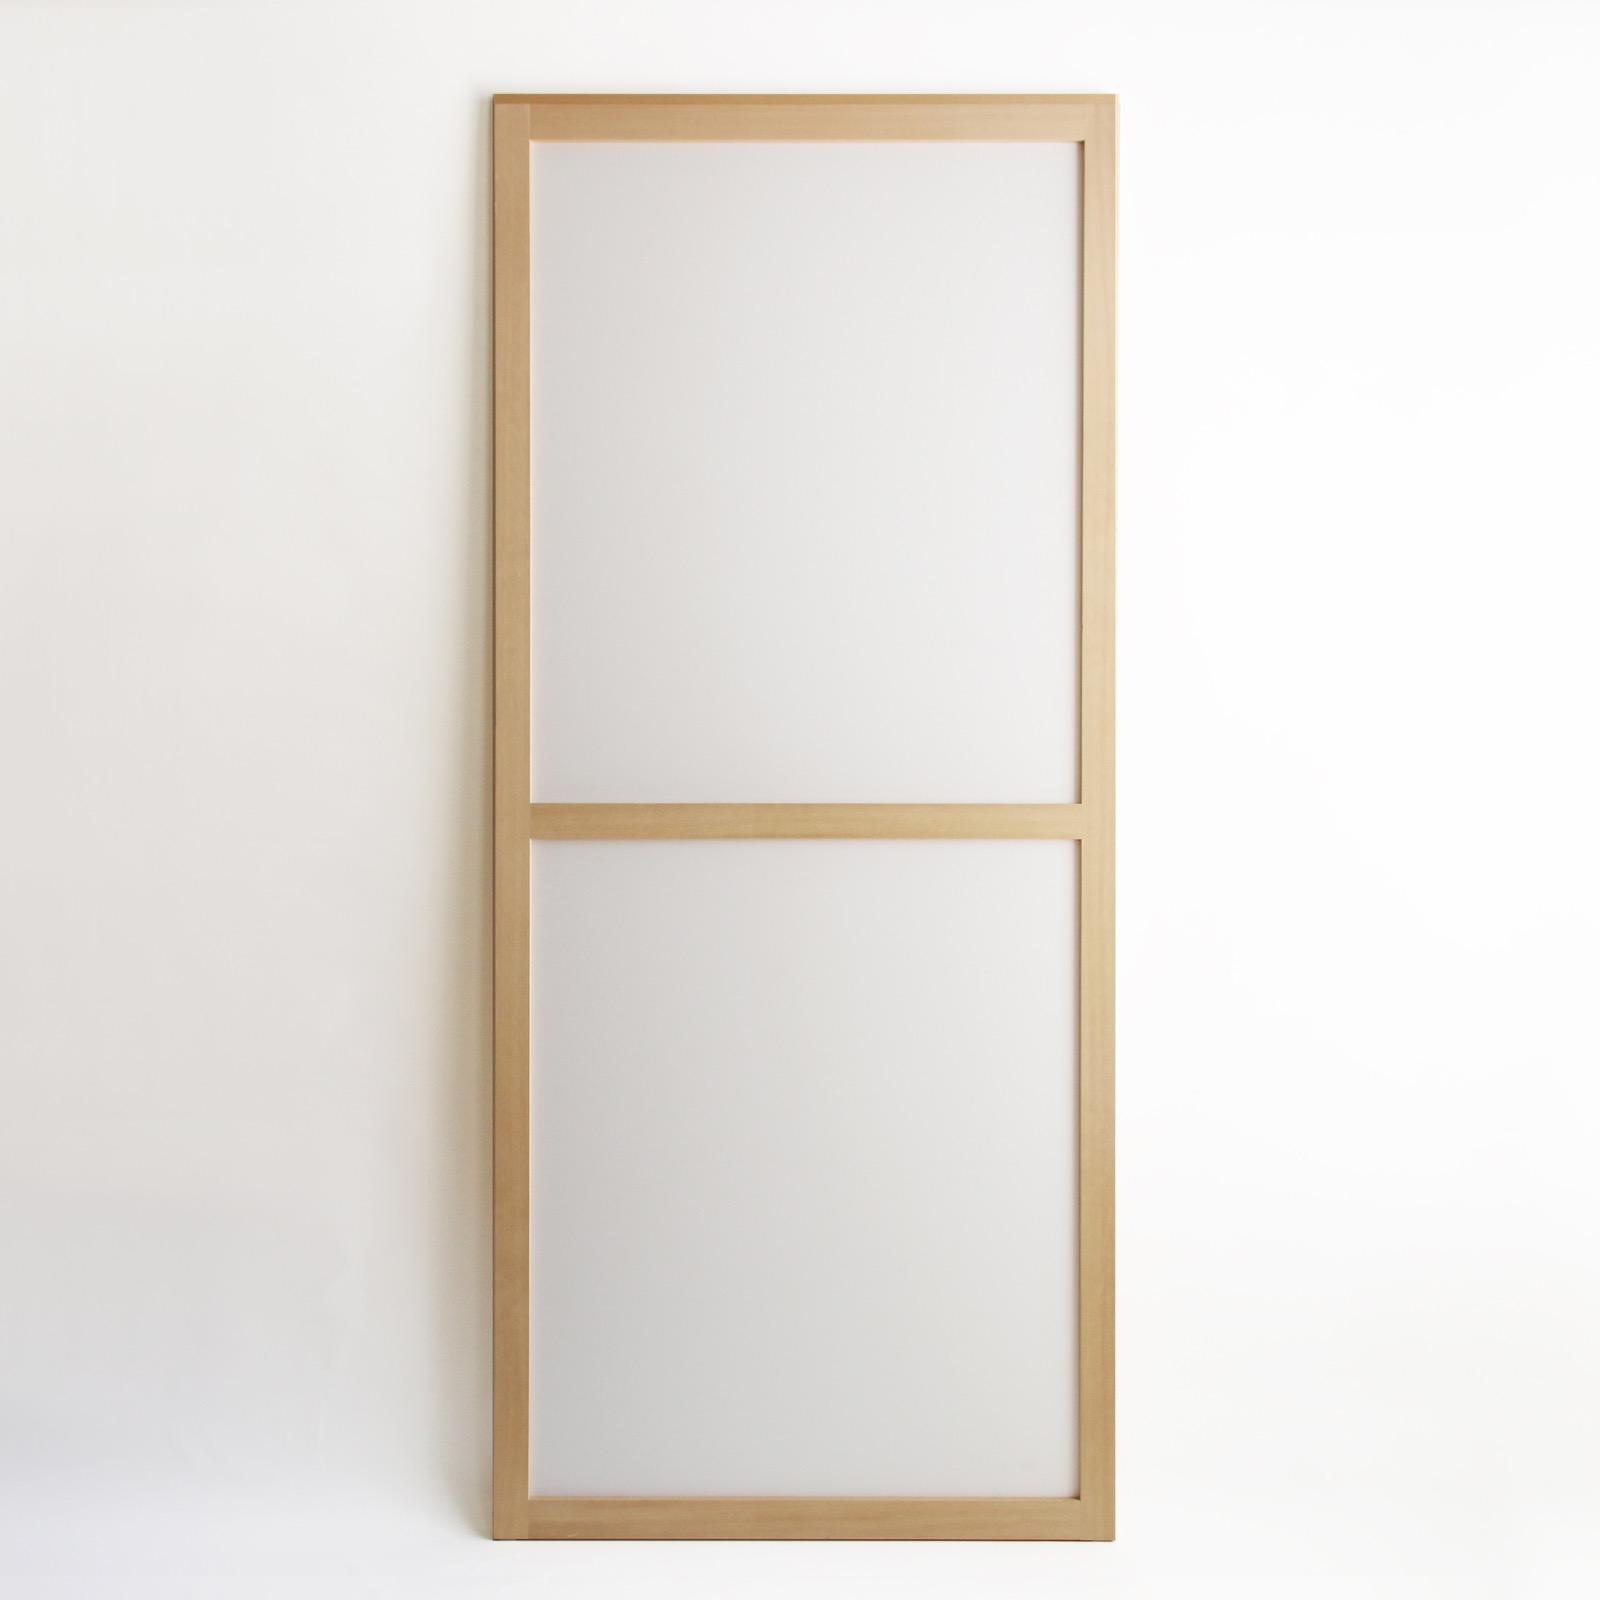 布框戸 ぬのかまちど 布張りありタイプ 障子 襖 戸